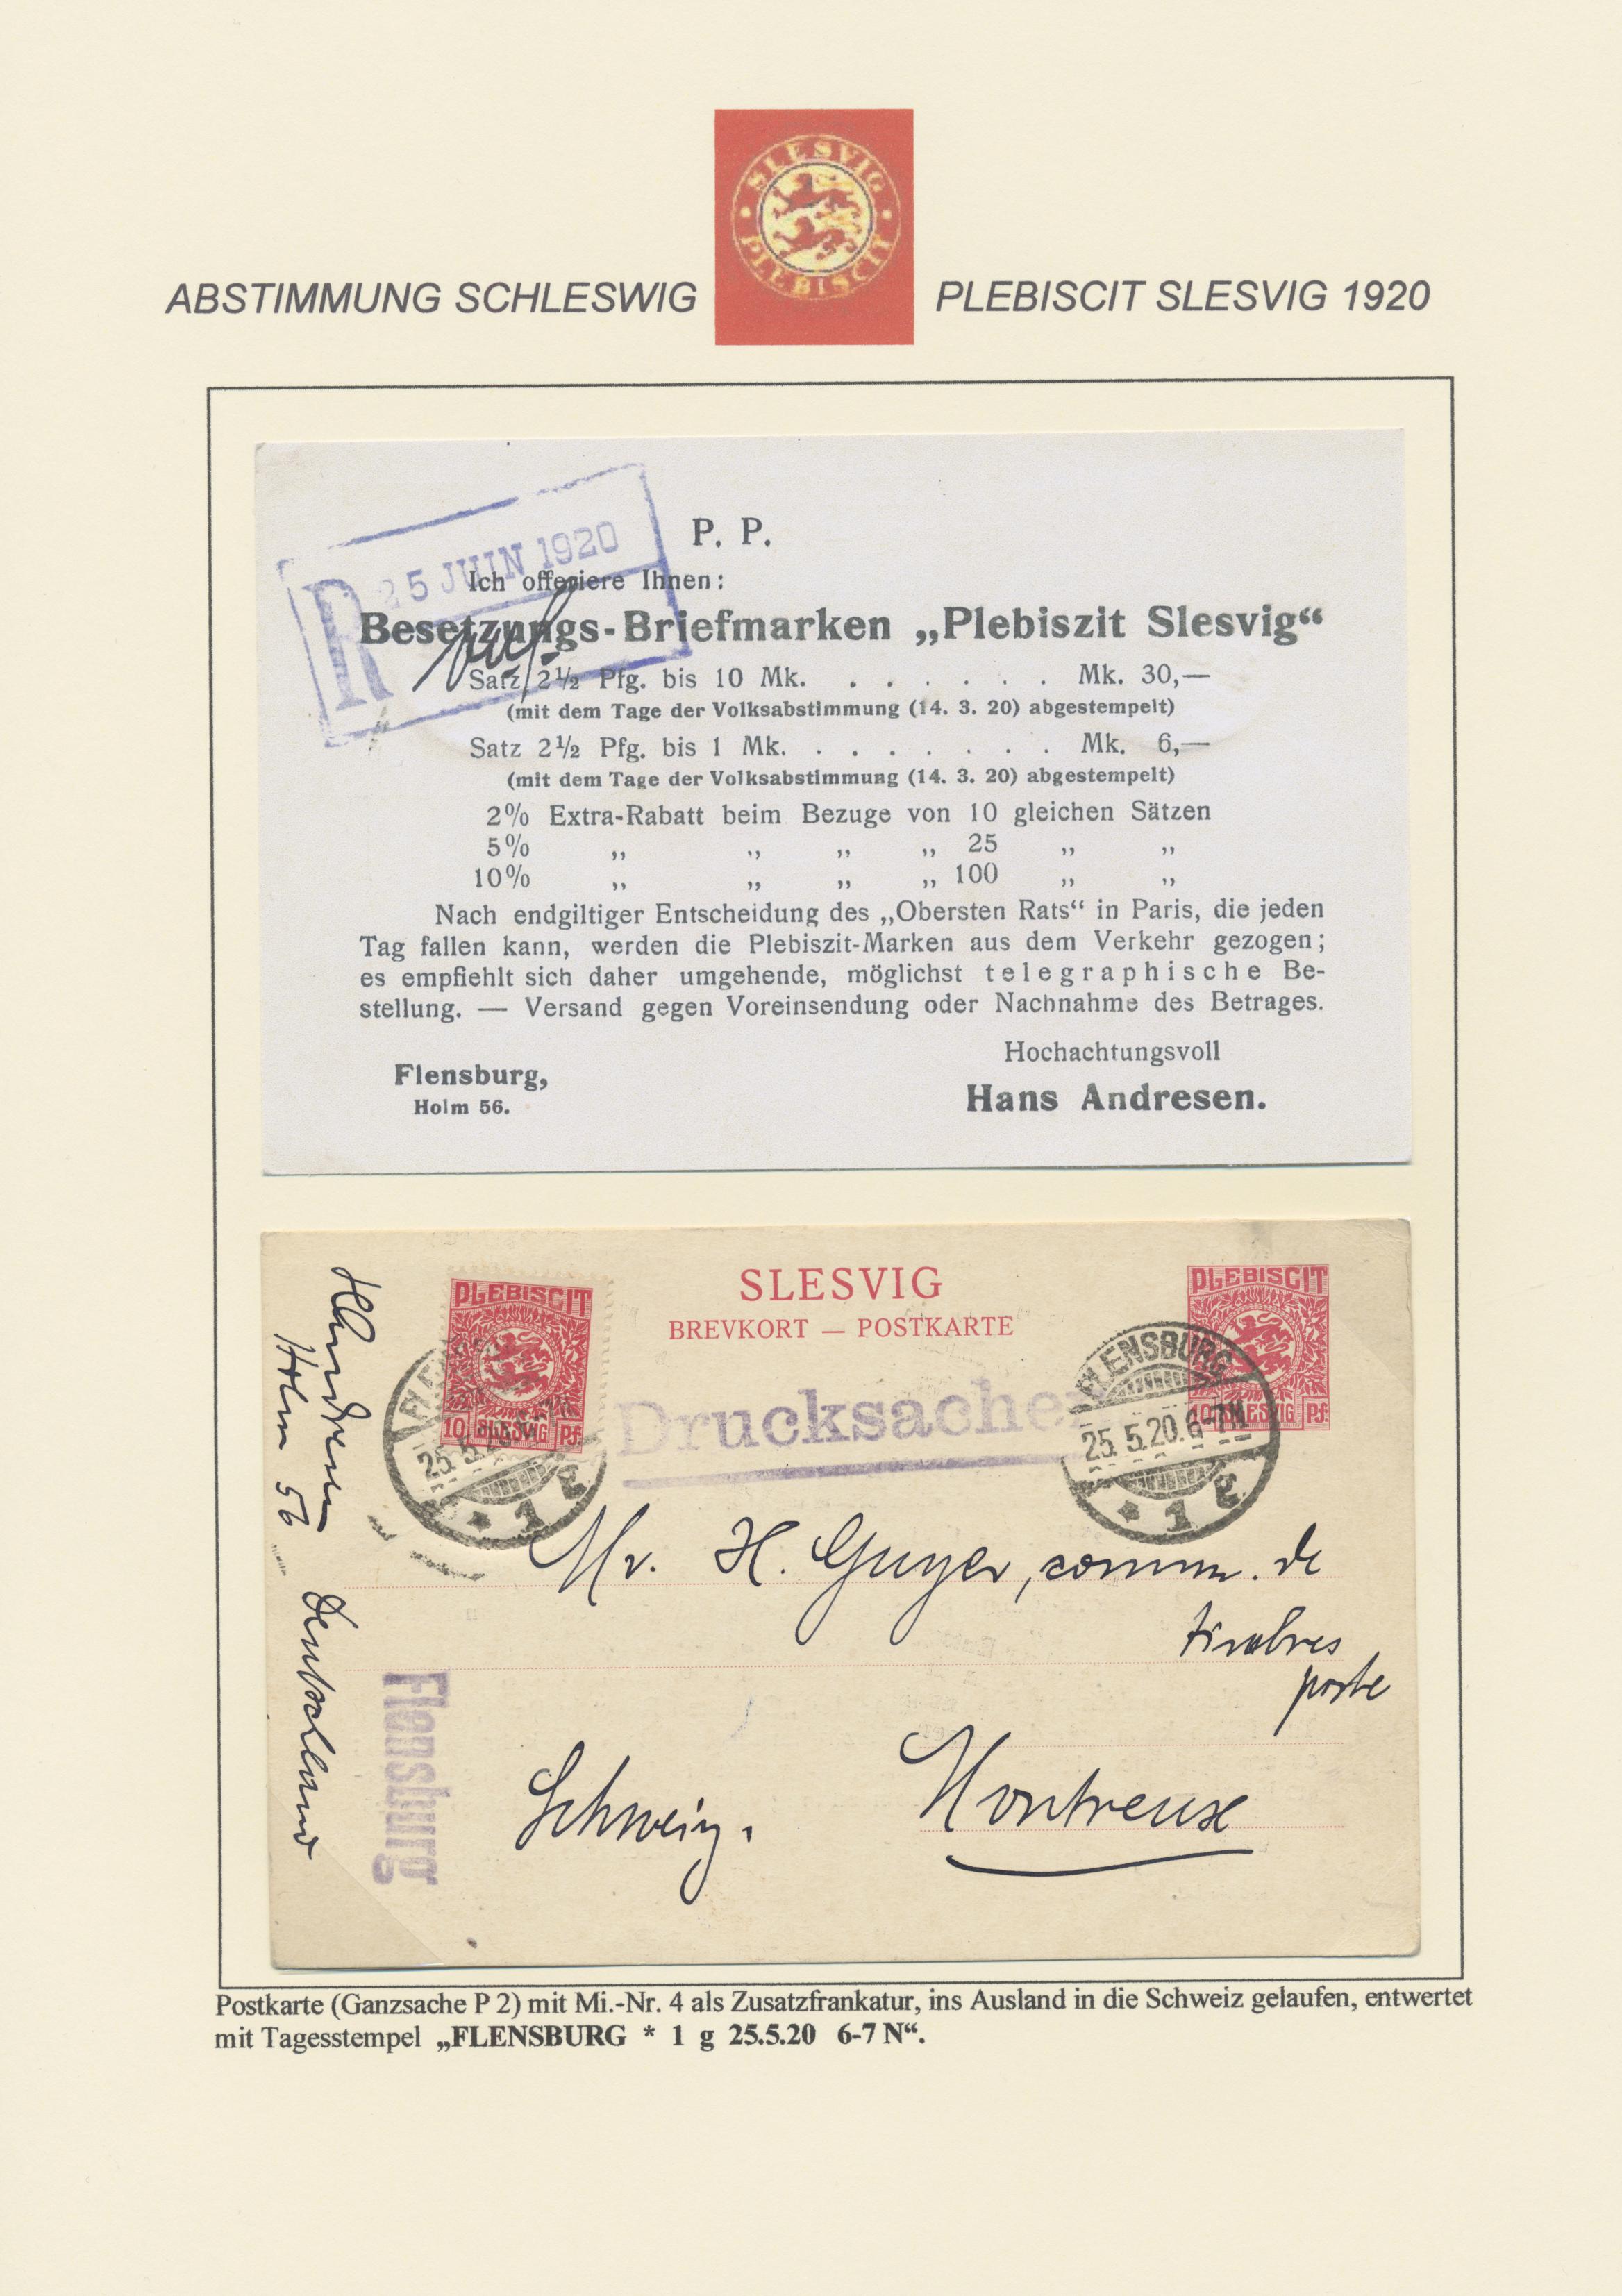 Lot 28891 - Deutsche Abstimmungsgebiete: Schleswig - Ganzsachen  -  Auktionshaus Christoph Gärtner GmbH & Co. KG Sale #46 Gollcetions Germany - including the suplement